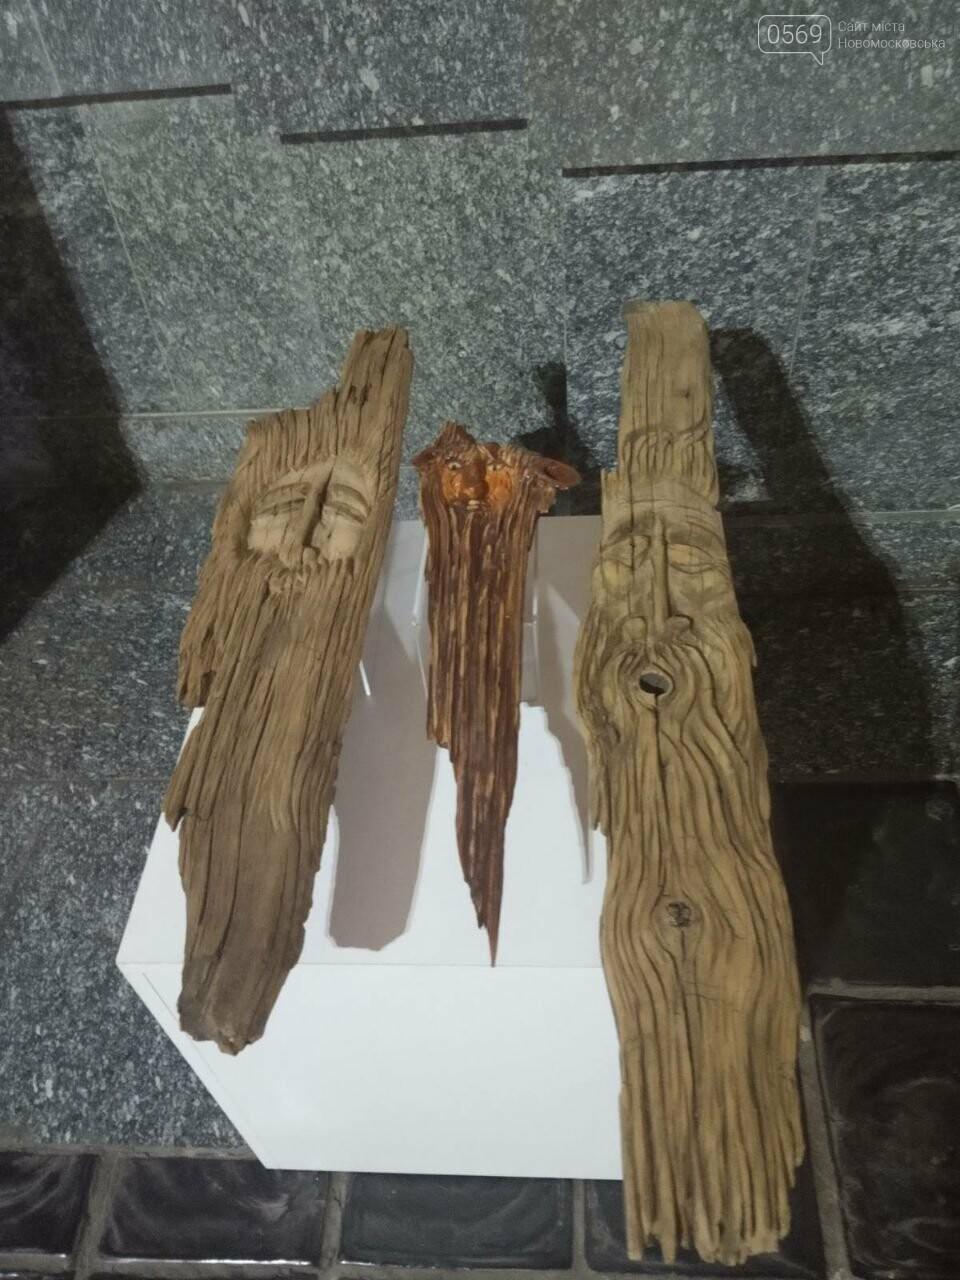 Мешканців Дніпропетровщини запрошують на виставки дерев'яних скульптур, фото-1